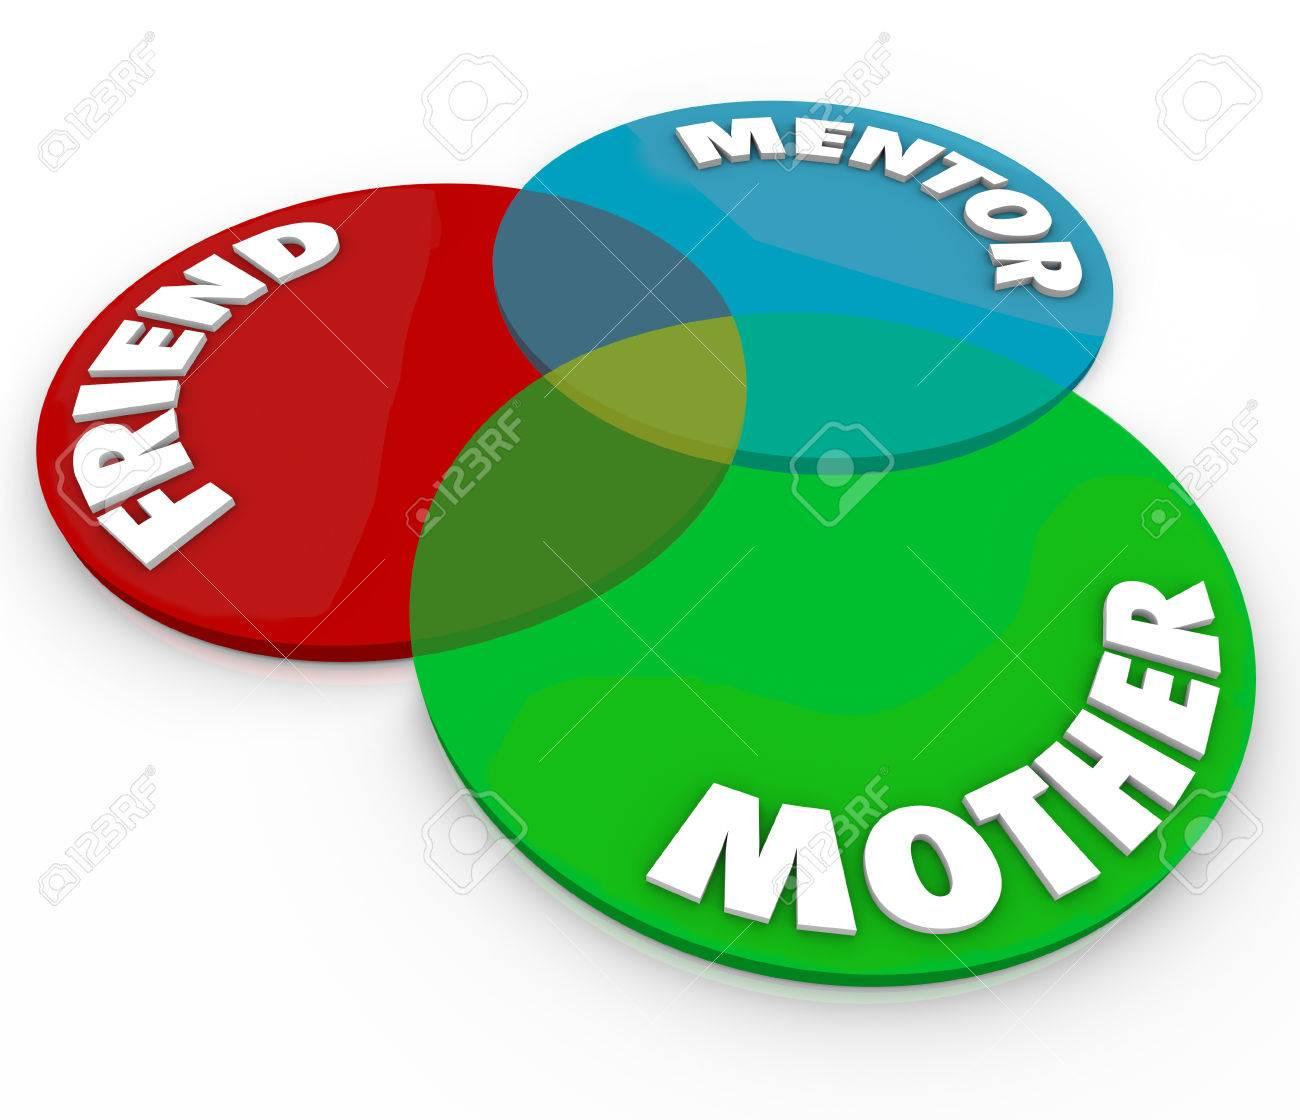 Madre amigo y mentor palabras en un diagrama de venn de crculos foto de archivo madre amigo y mentor palabras en un diagrama de venn de crculos superpuestos para ilustrar las funciones y relaciones entre una madre y ccuart Images